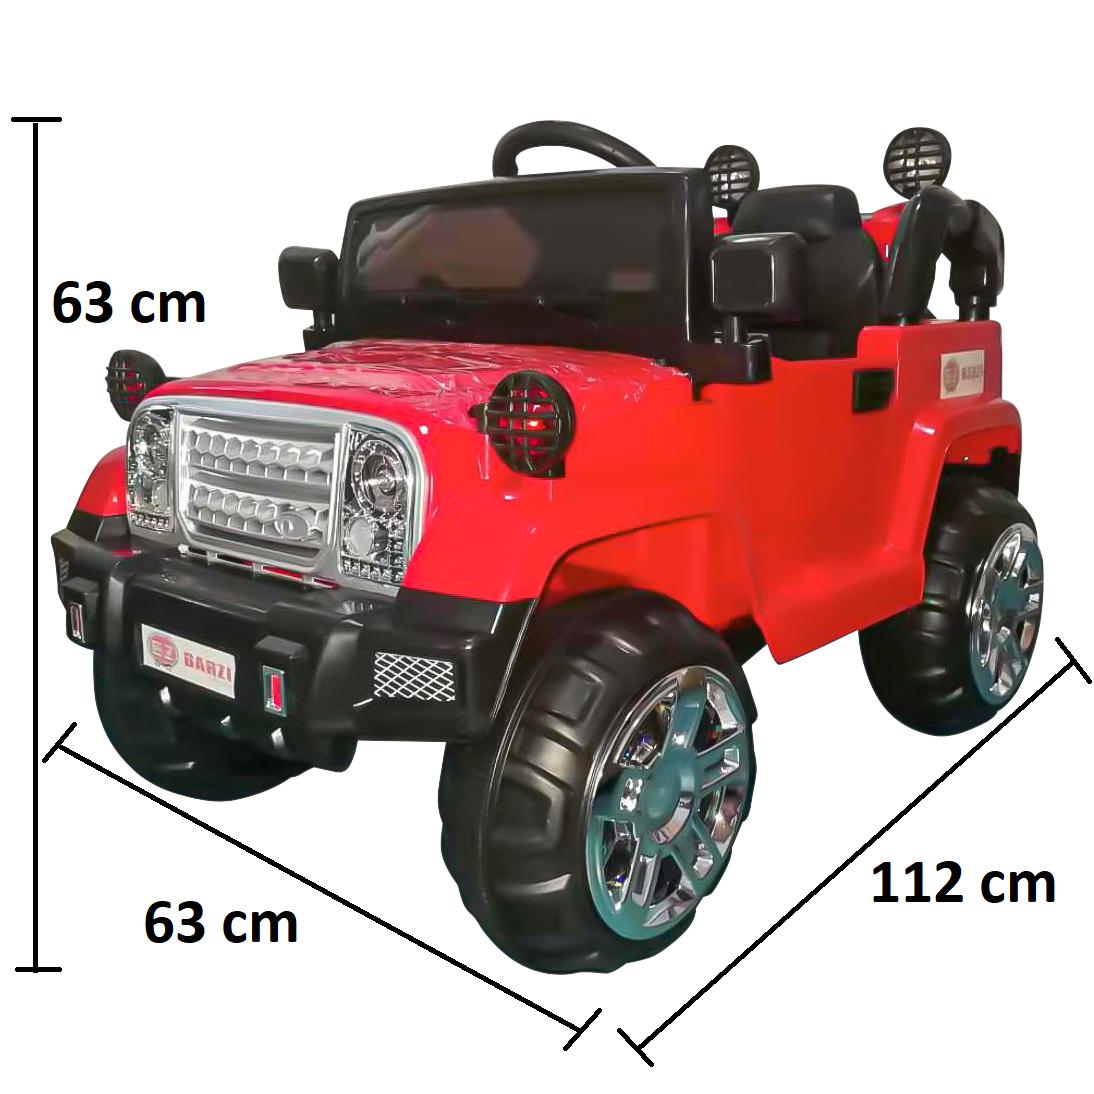 Jipe Eletrico Para Criancas Carro Eletrico Infantil Barzi Motors Carro Eletrico Infantil Veiculo Eletrico Carros